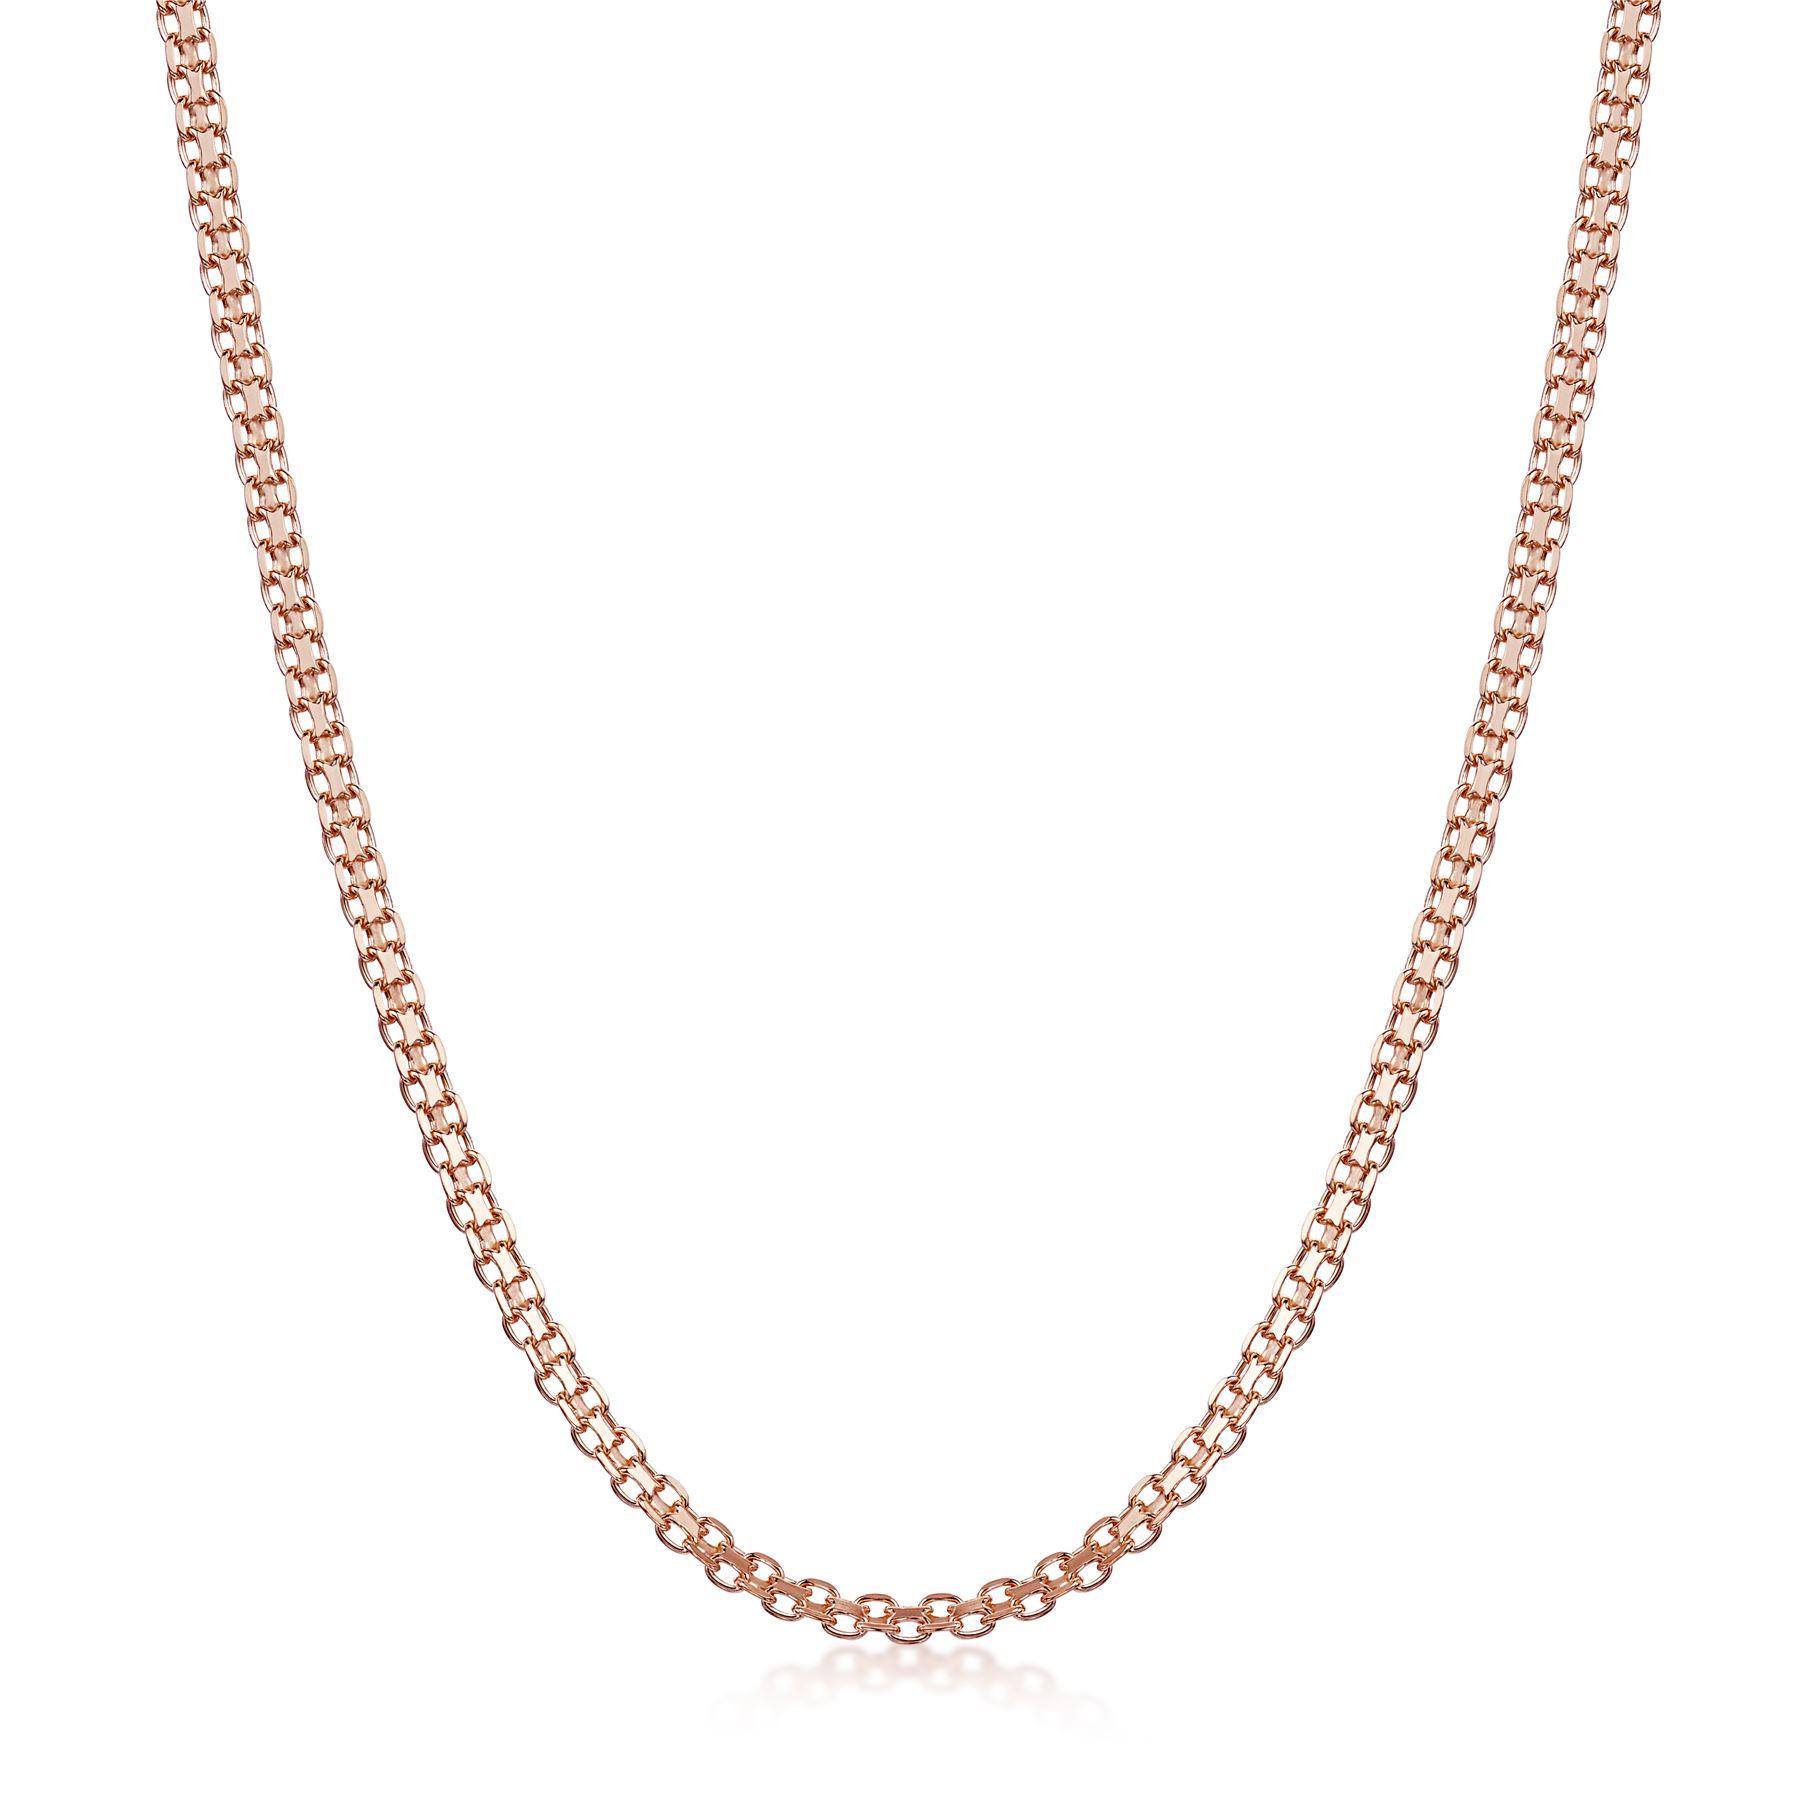 Amberta-Collar-en-Fina-Plata-De-Ley-925-y-Chapado-Oro-Rosa-14k-Cadena-para-Mujer miniatura 44